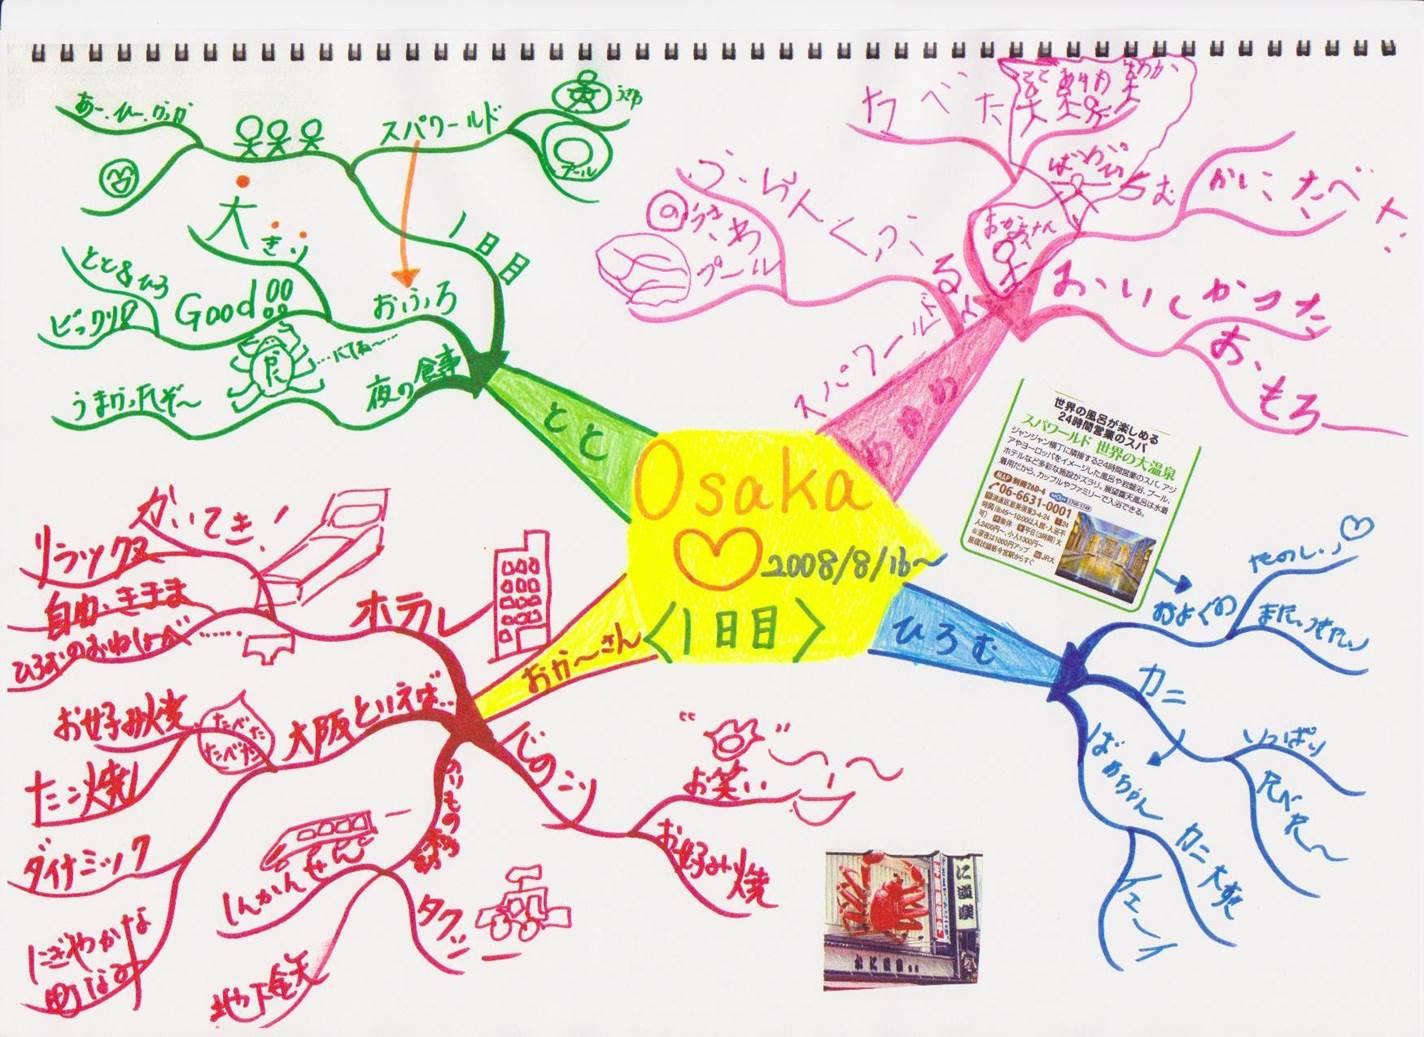 旅行計画・旅行まとめのマインドマップ